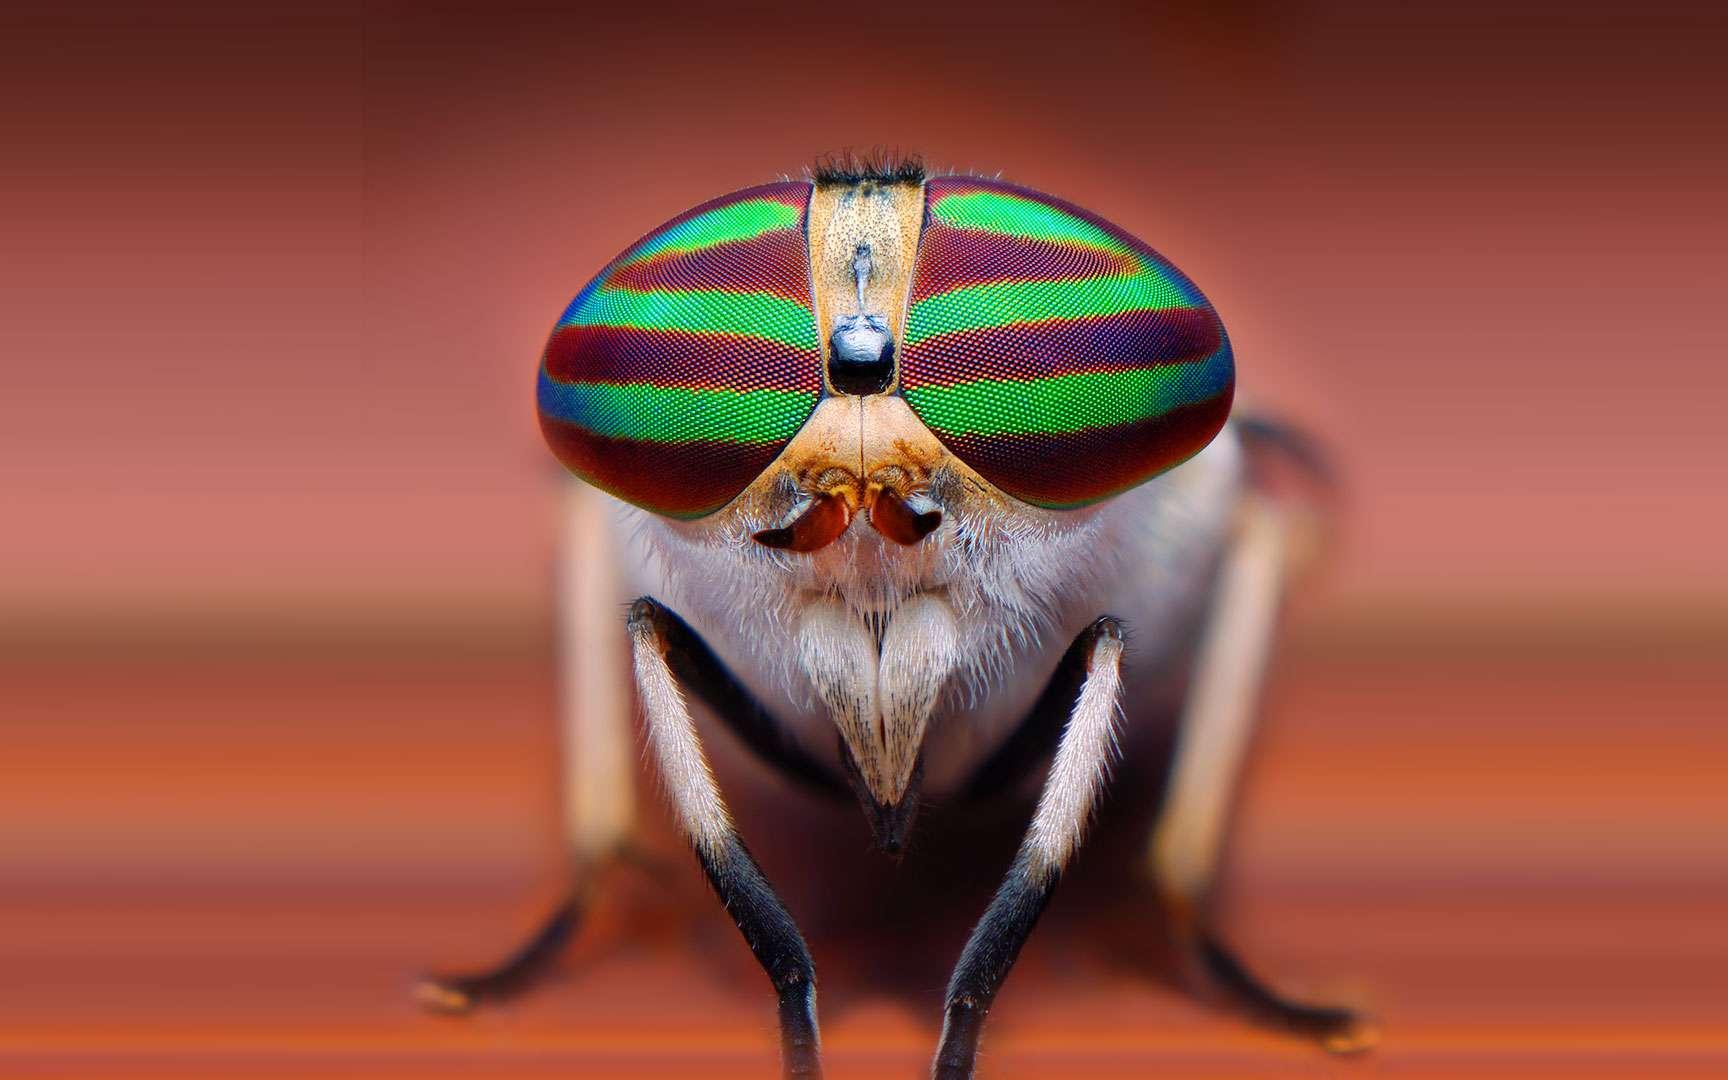 La vue infaillible du gecko léopard. Les geckos ont une bonne vue et sont capables de percevoir les couleurs. Deux types d'yeux existent en fonction du mode de vie de l'animal (nocturne ou diurne). Sur cette image, on aperçoit l'œil d'un gecko léopard (Eublepharis macularius), une espèce nocturne qui vit en Afghanistan, en Inde et au Pakistan. Comme chez le chat, sa pupille est fendue verticalement et peut se dilater énormément pour capter le maximum de lumière. La majorité des geckos n'ont pas de paupière, mais une écaille transparente qui leur protège l'œil. Ce n'est pas le cas de la famille des Eublepharidés, dont le gecko léopard fait partie. Chez les geckos, l'œil est quasiment dépourvu de blanc et l'iris présente souvent des motifs sous forme de stries ou de lignes fines plus sombres. On peut les distinguer sur cette image. © Suren Manvelyan, tous droits réservés